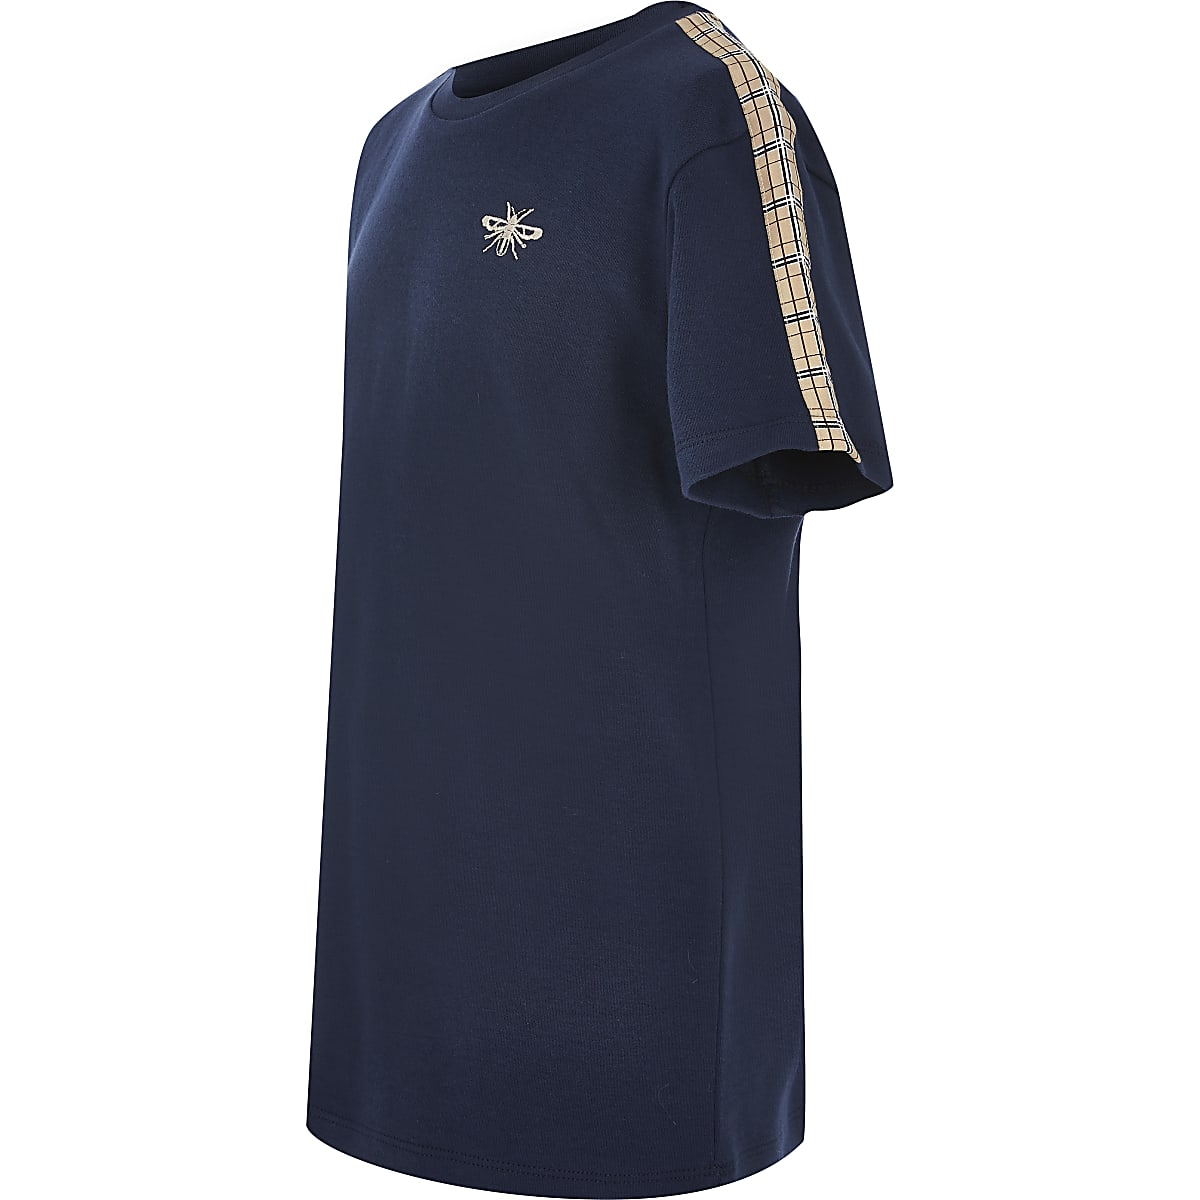 T-shirt bleu marineà manches courtes avec bandeà carreaux pour garçon